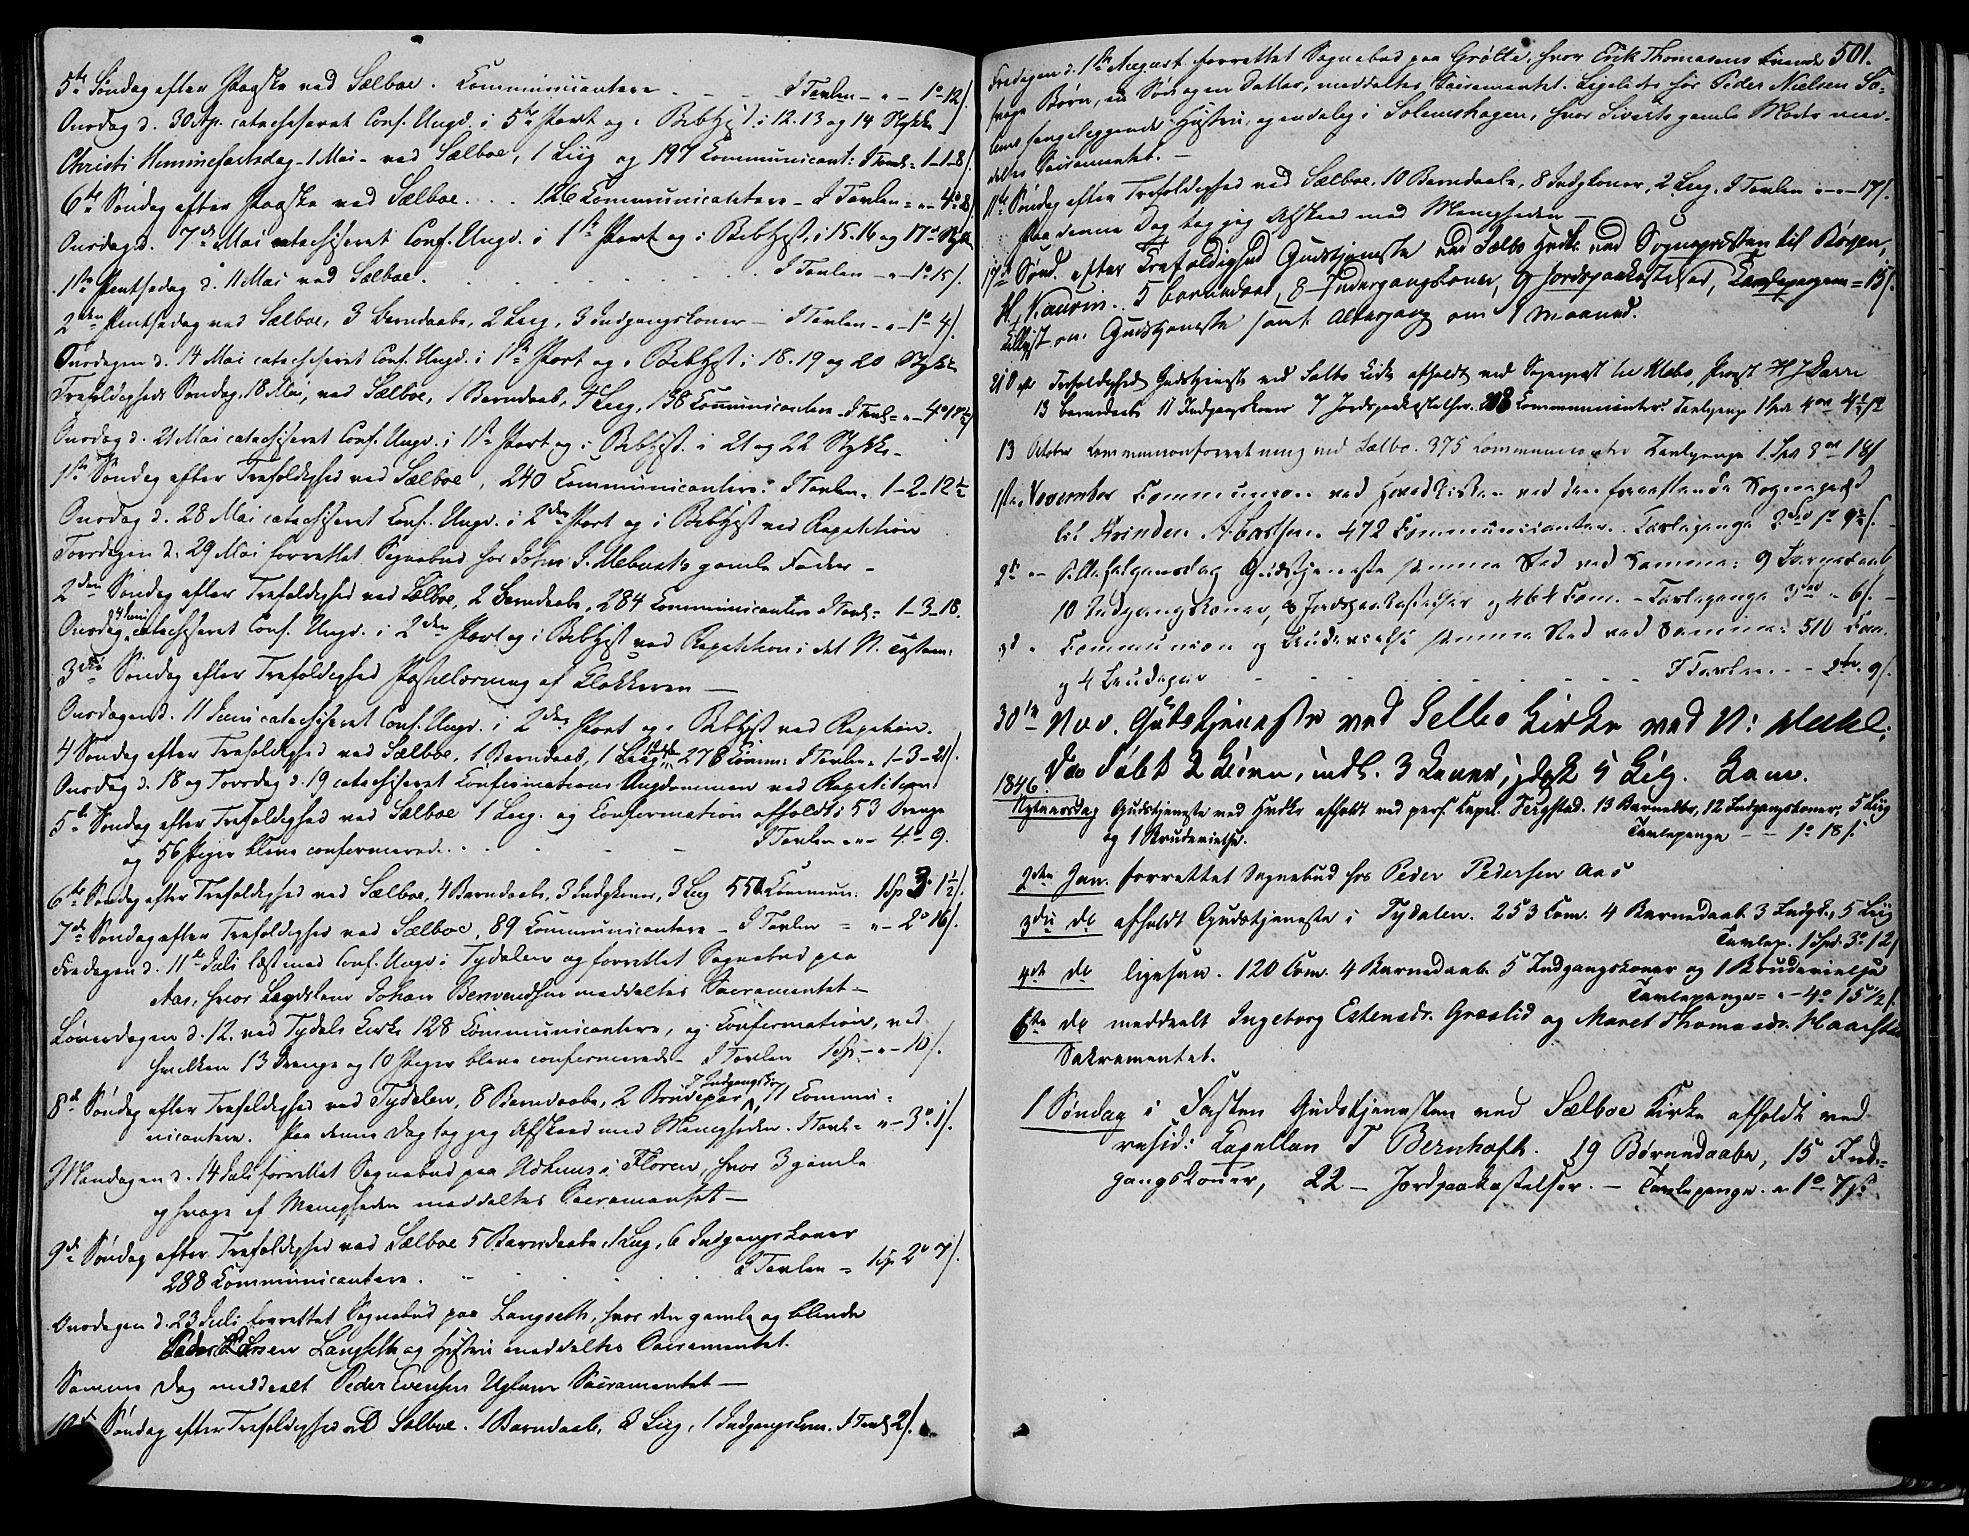 SAT, Ministerialprotokoller, klokkerbøker og fødselsregistre - Sør-Trøndelag, 695/L1145: Ministerialbok nr. 695A06 /1, 1843-1859, s. 501